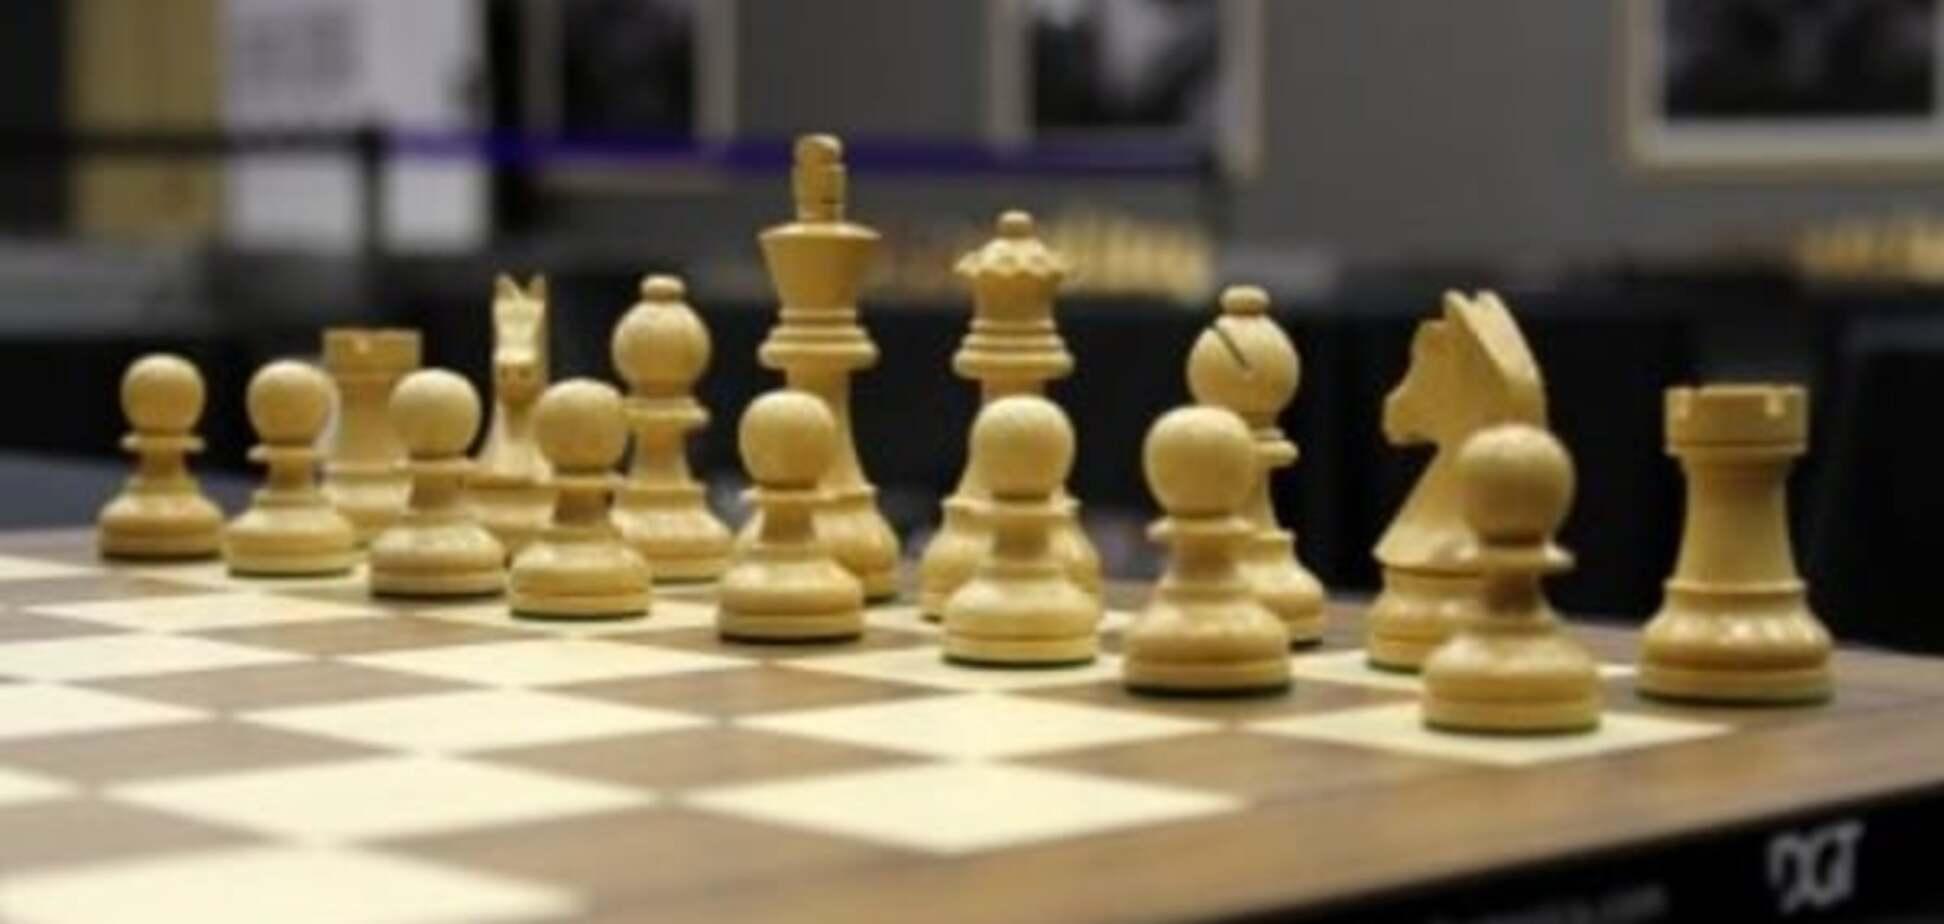 Украина рискует потерять матч за шахматную корону из-за санкций США